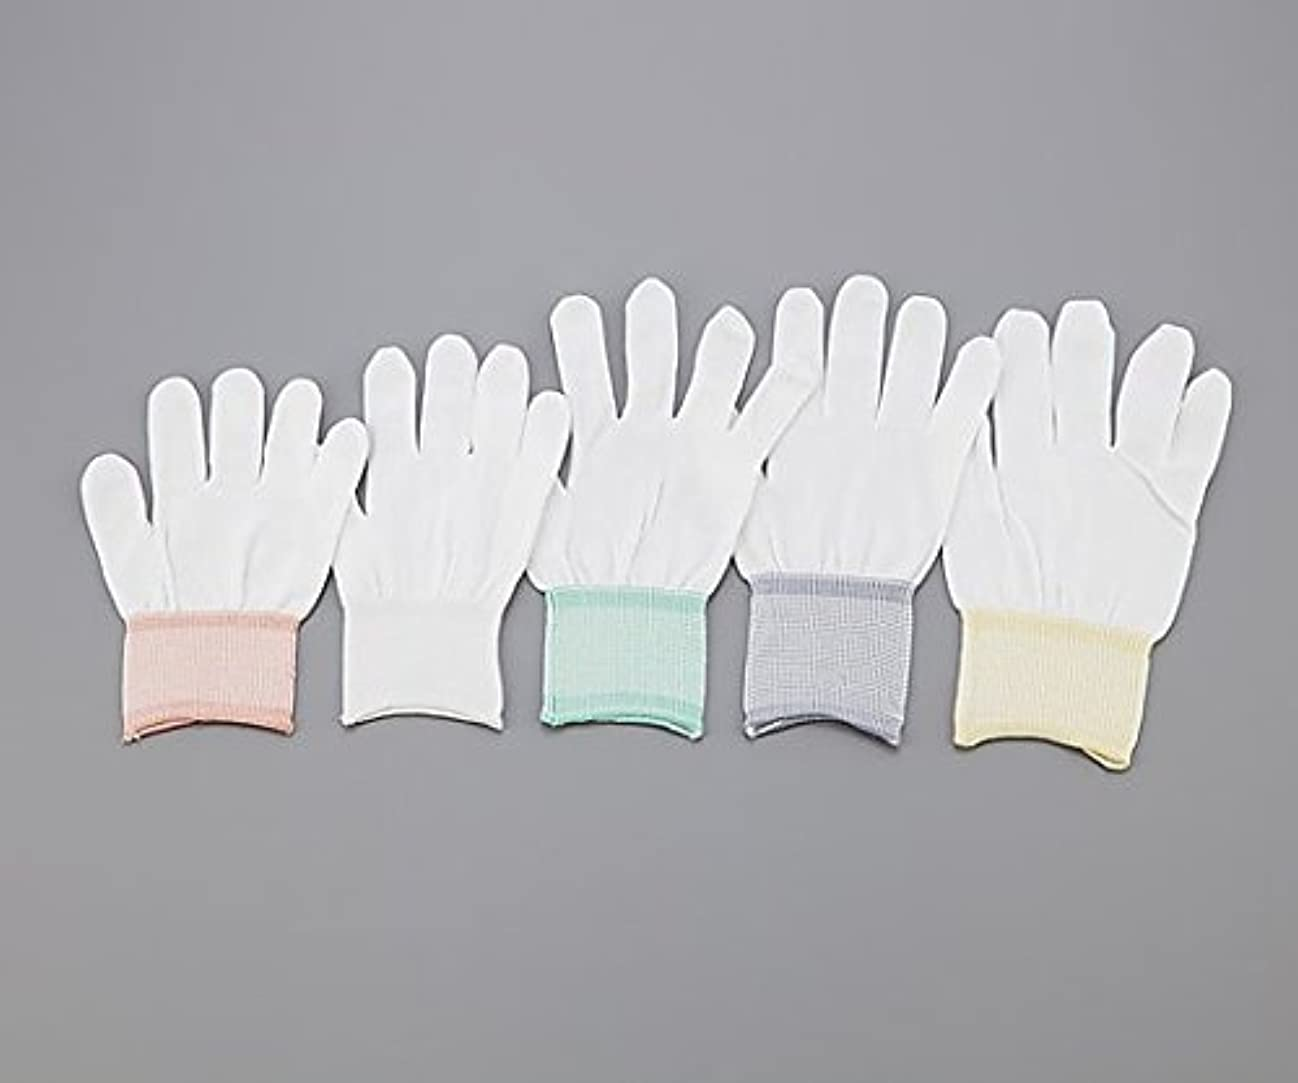 繁栄作り上げる交通渋滞アズピュア(アズワン)1-4294-04アズピュアインナー手袋指先有りXL10双20枚